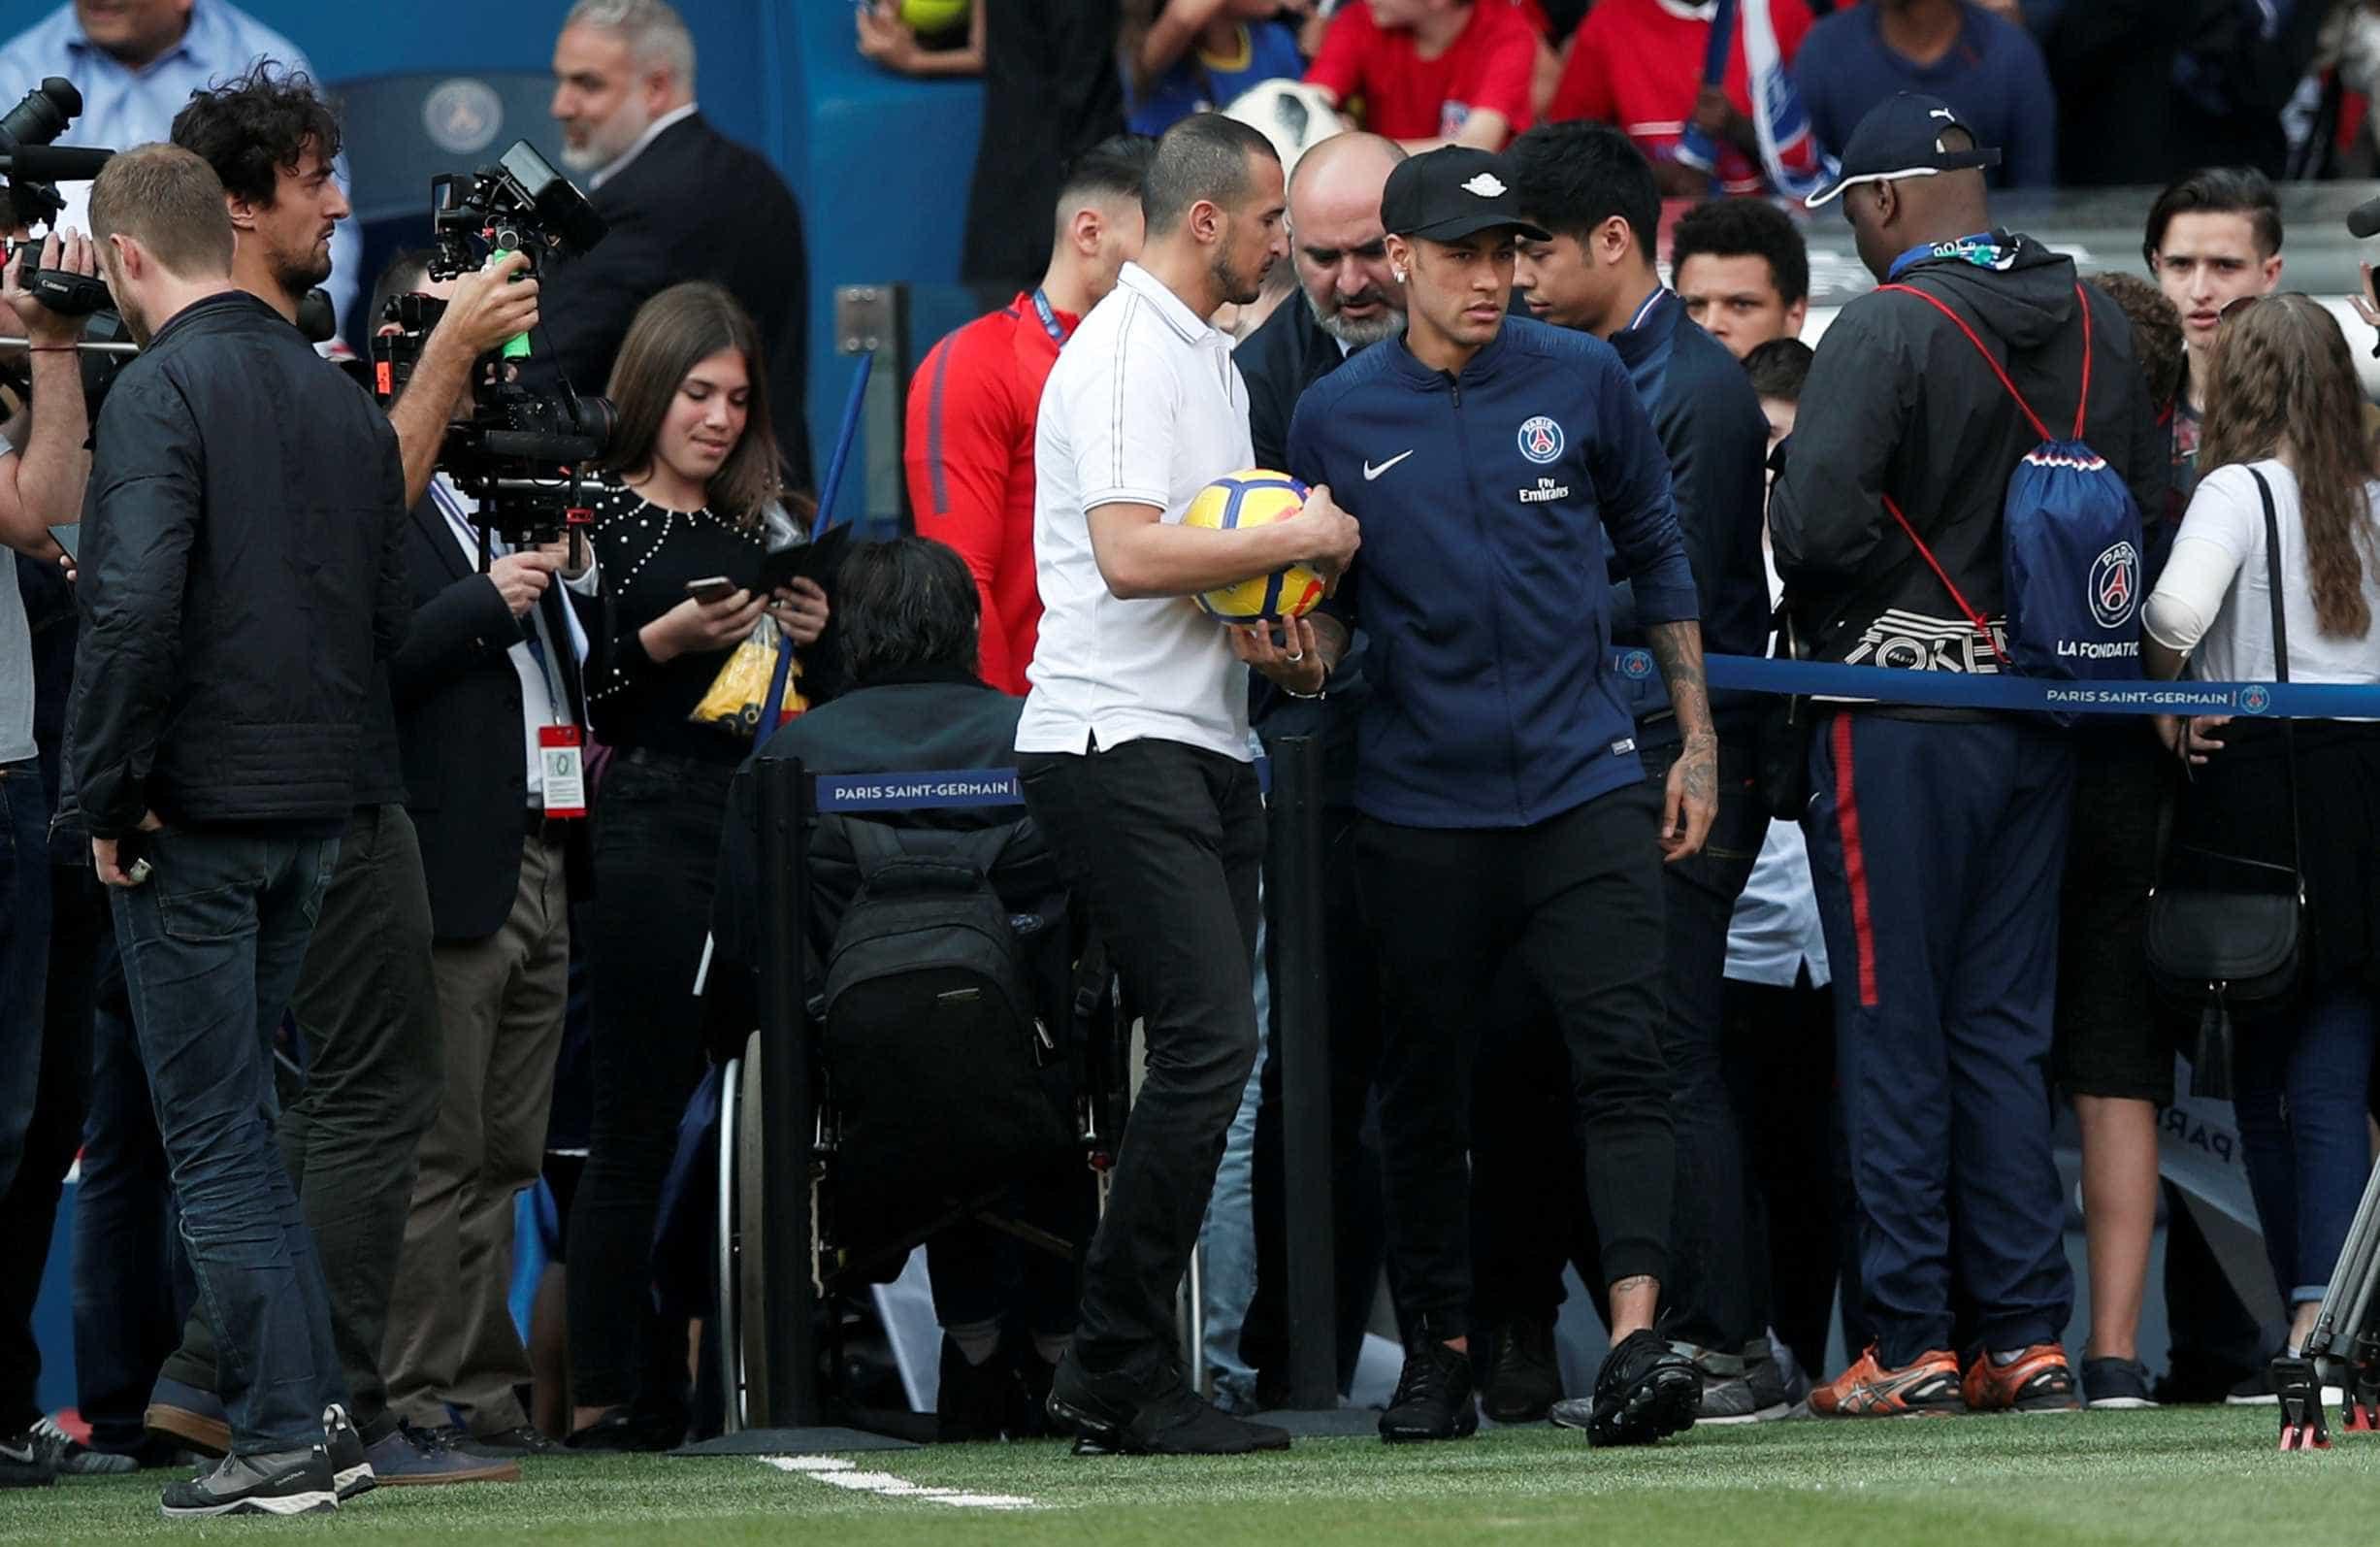 Neymar atende fãs, mas não participa de treino aberto do PSG